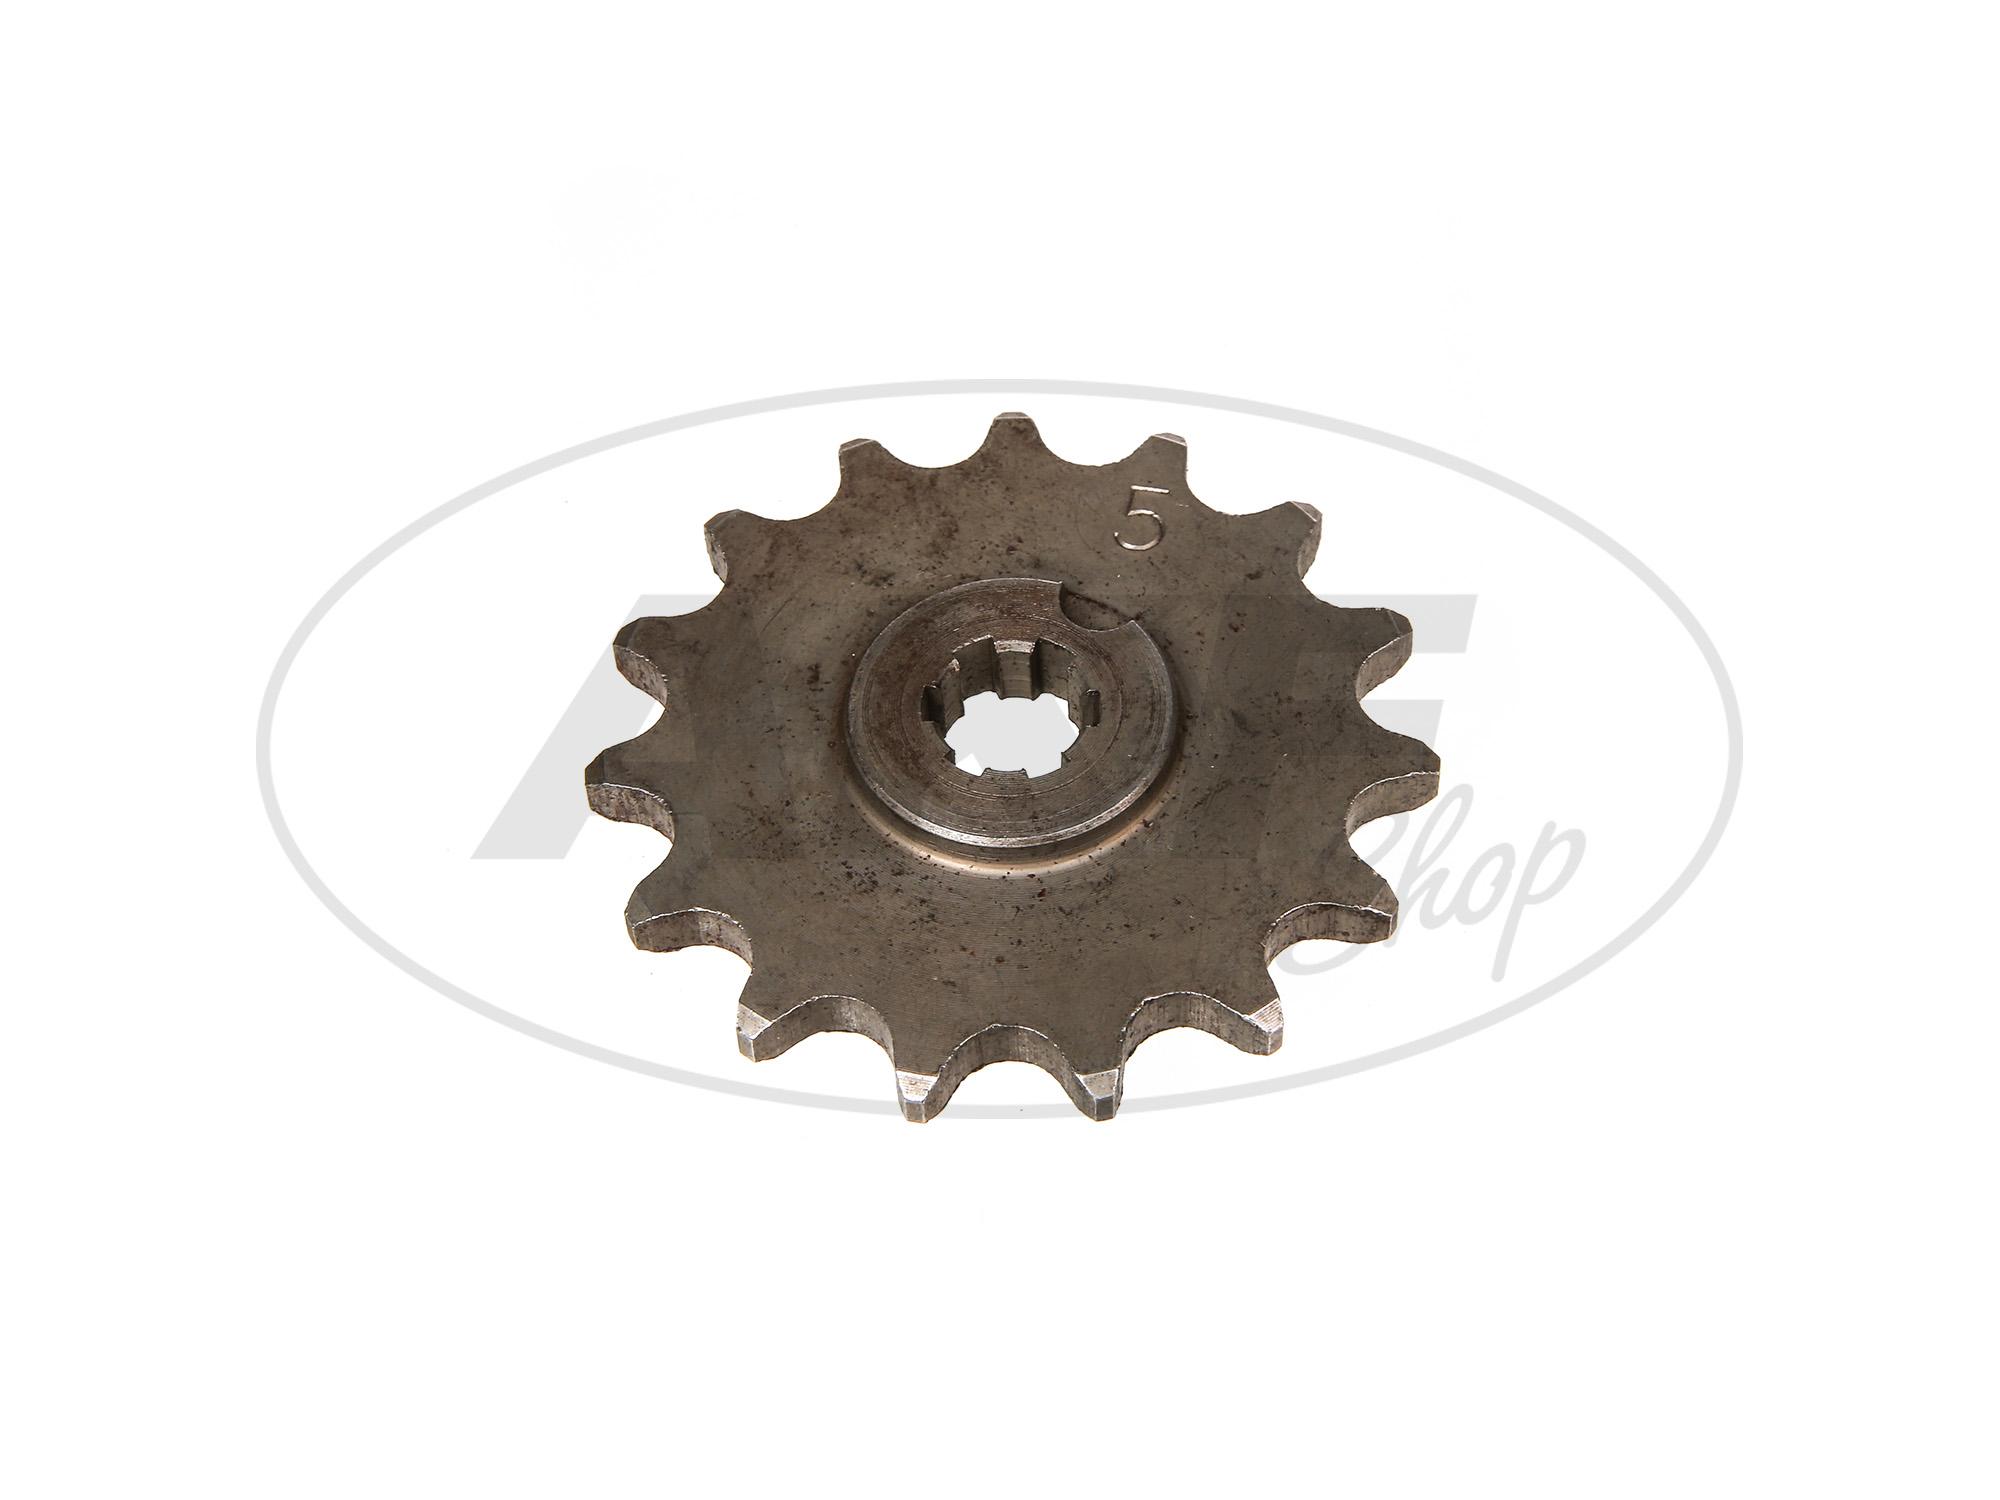 Zoom Ansicht Ritzel, kleines Kettenrad, 15 Zahn - für Simson S50, KR51/1 Schwalbe, SR4-2 Star, SR4-3 Sperber, SR4-4 Habicht